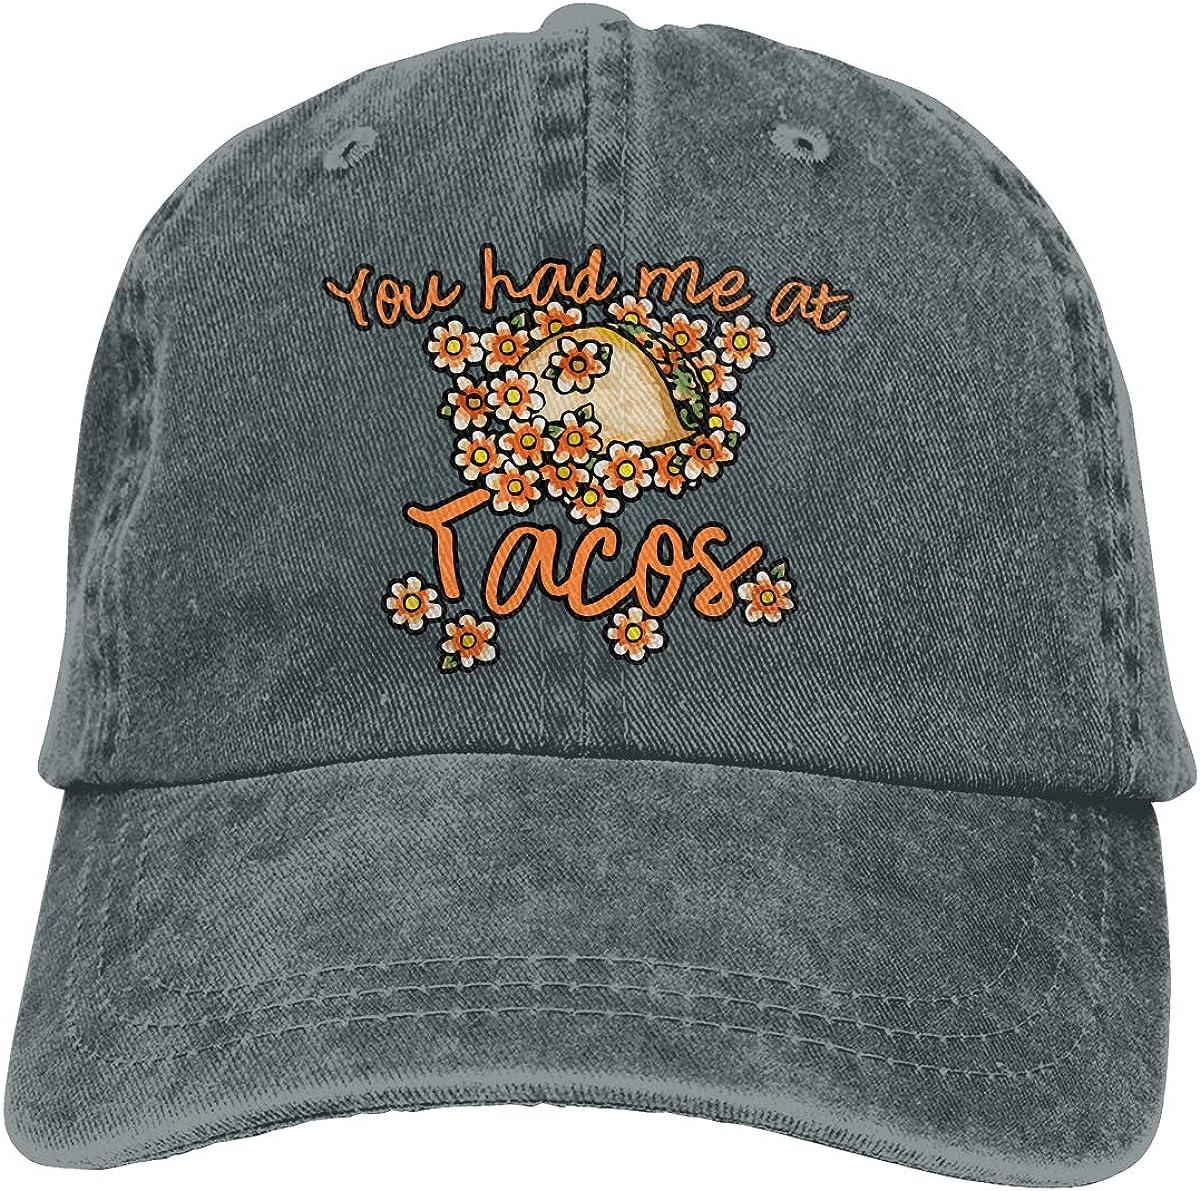 TBVS 77 Men Women Washed Cotton Denim Baseball Cap You Had Me at Tacos1-1 Snapback Cap